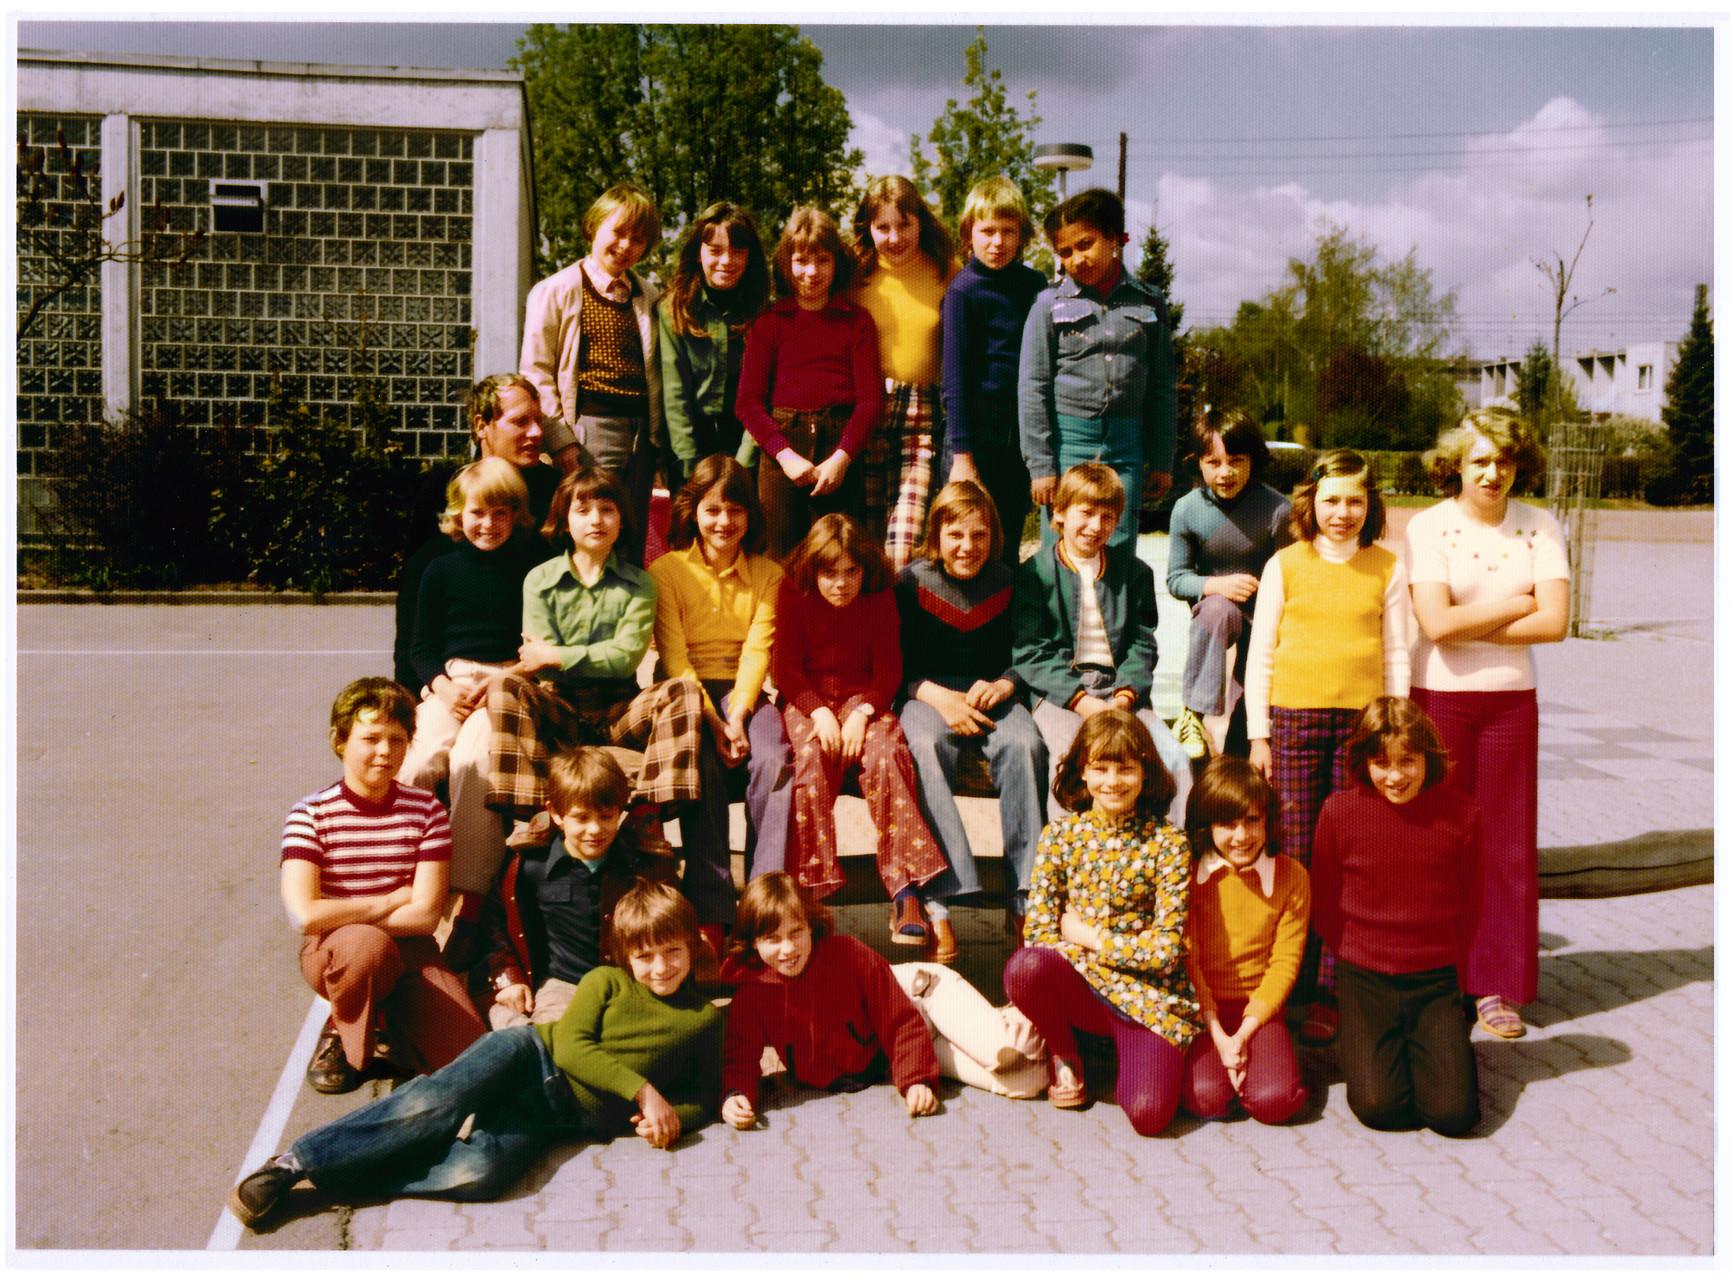 Jahrgang 1965, Bild: Neugebauer,Inge geb. Ganick